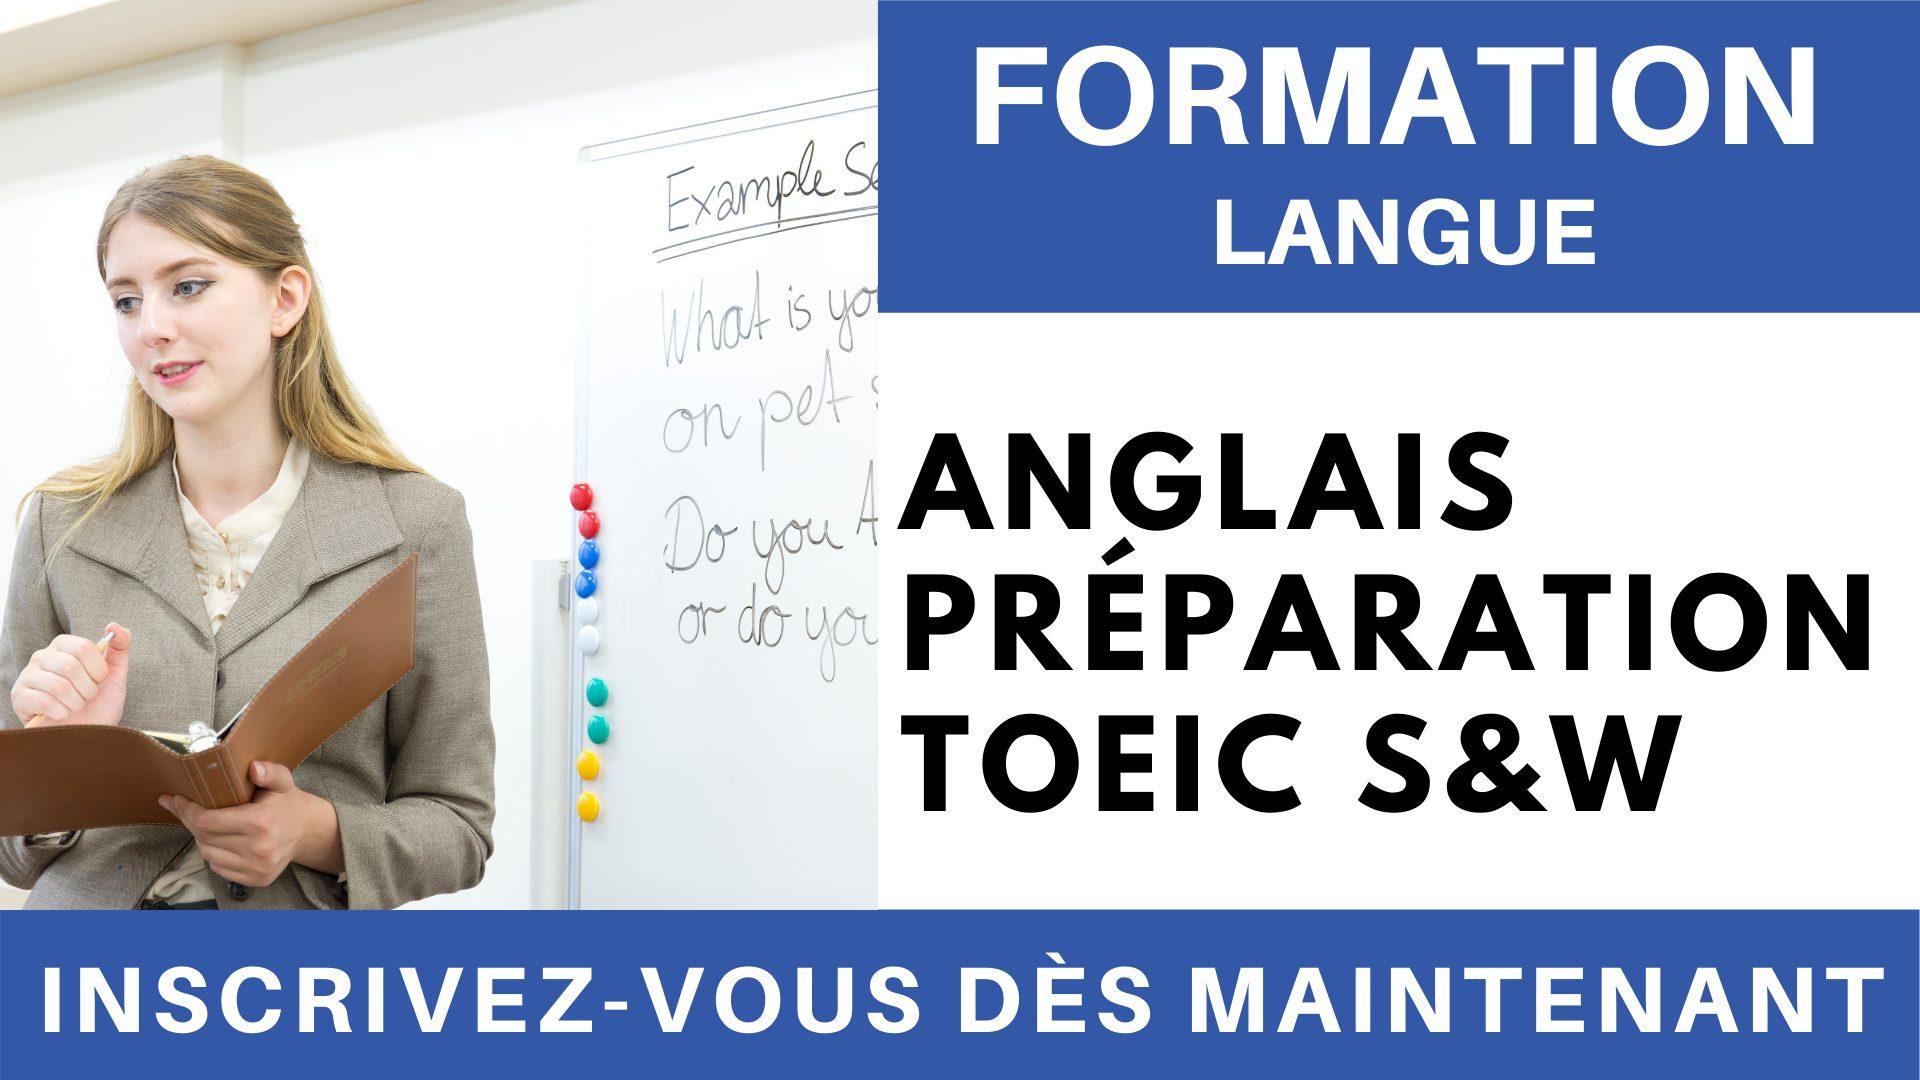 Formation Langue - Anglais Préparation TOEIC S&W